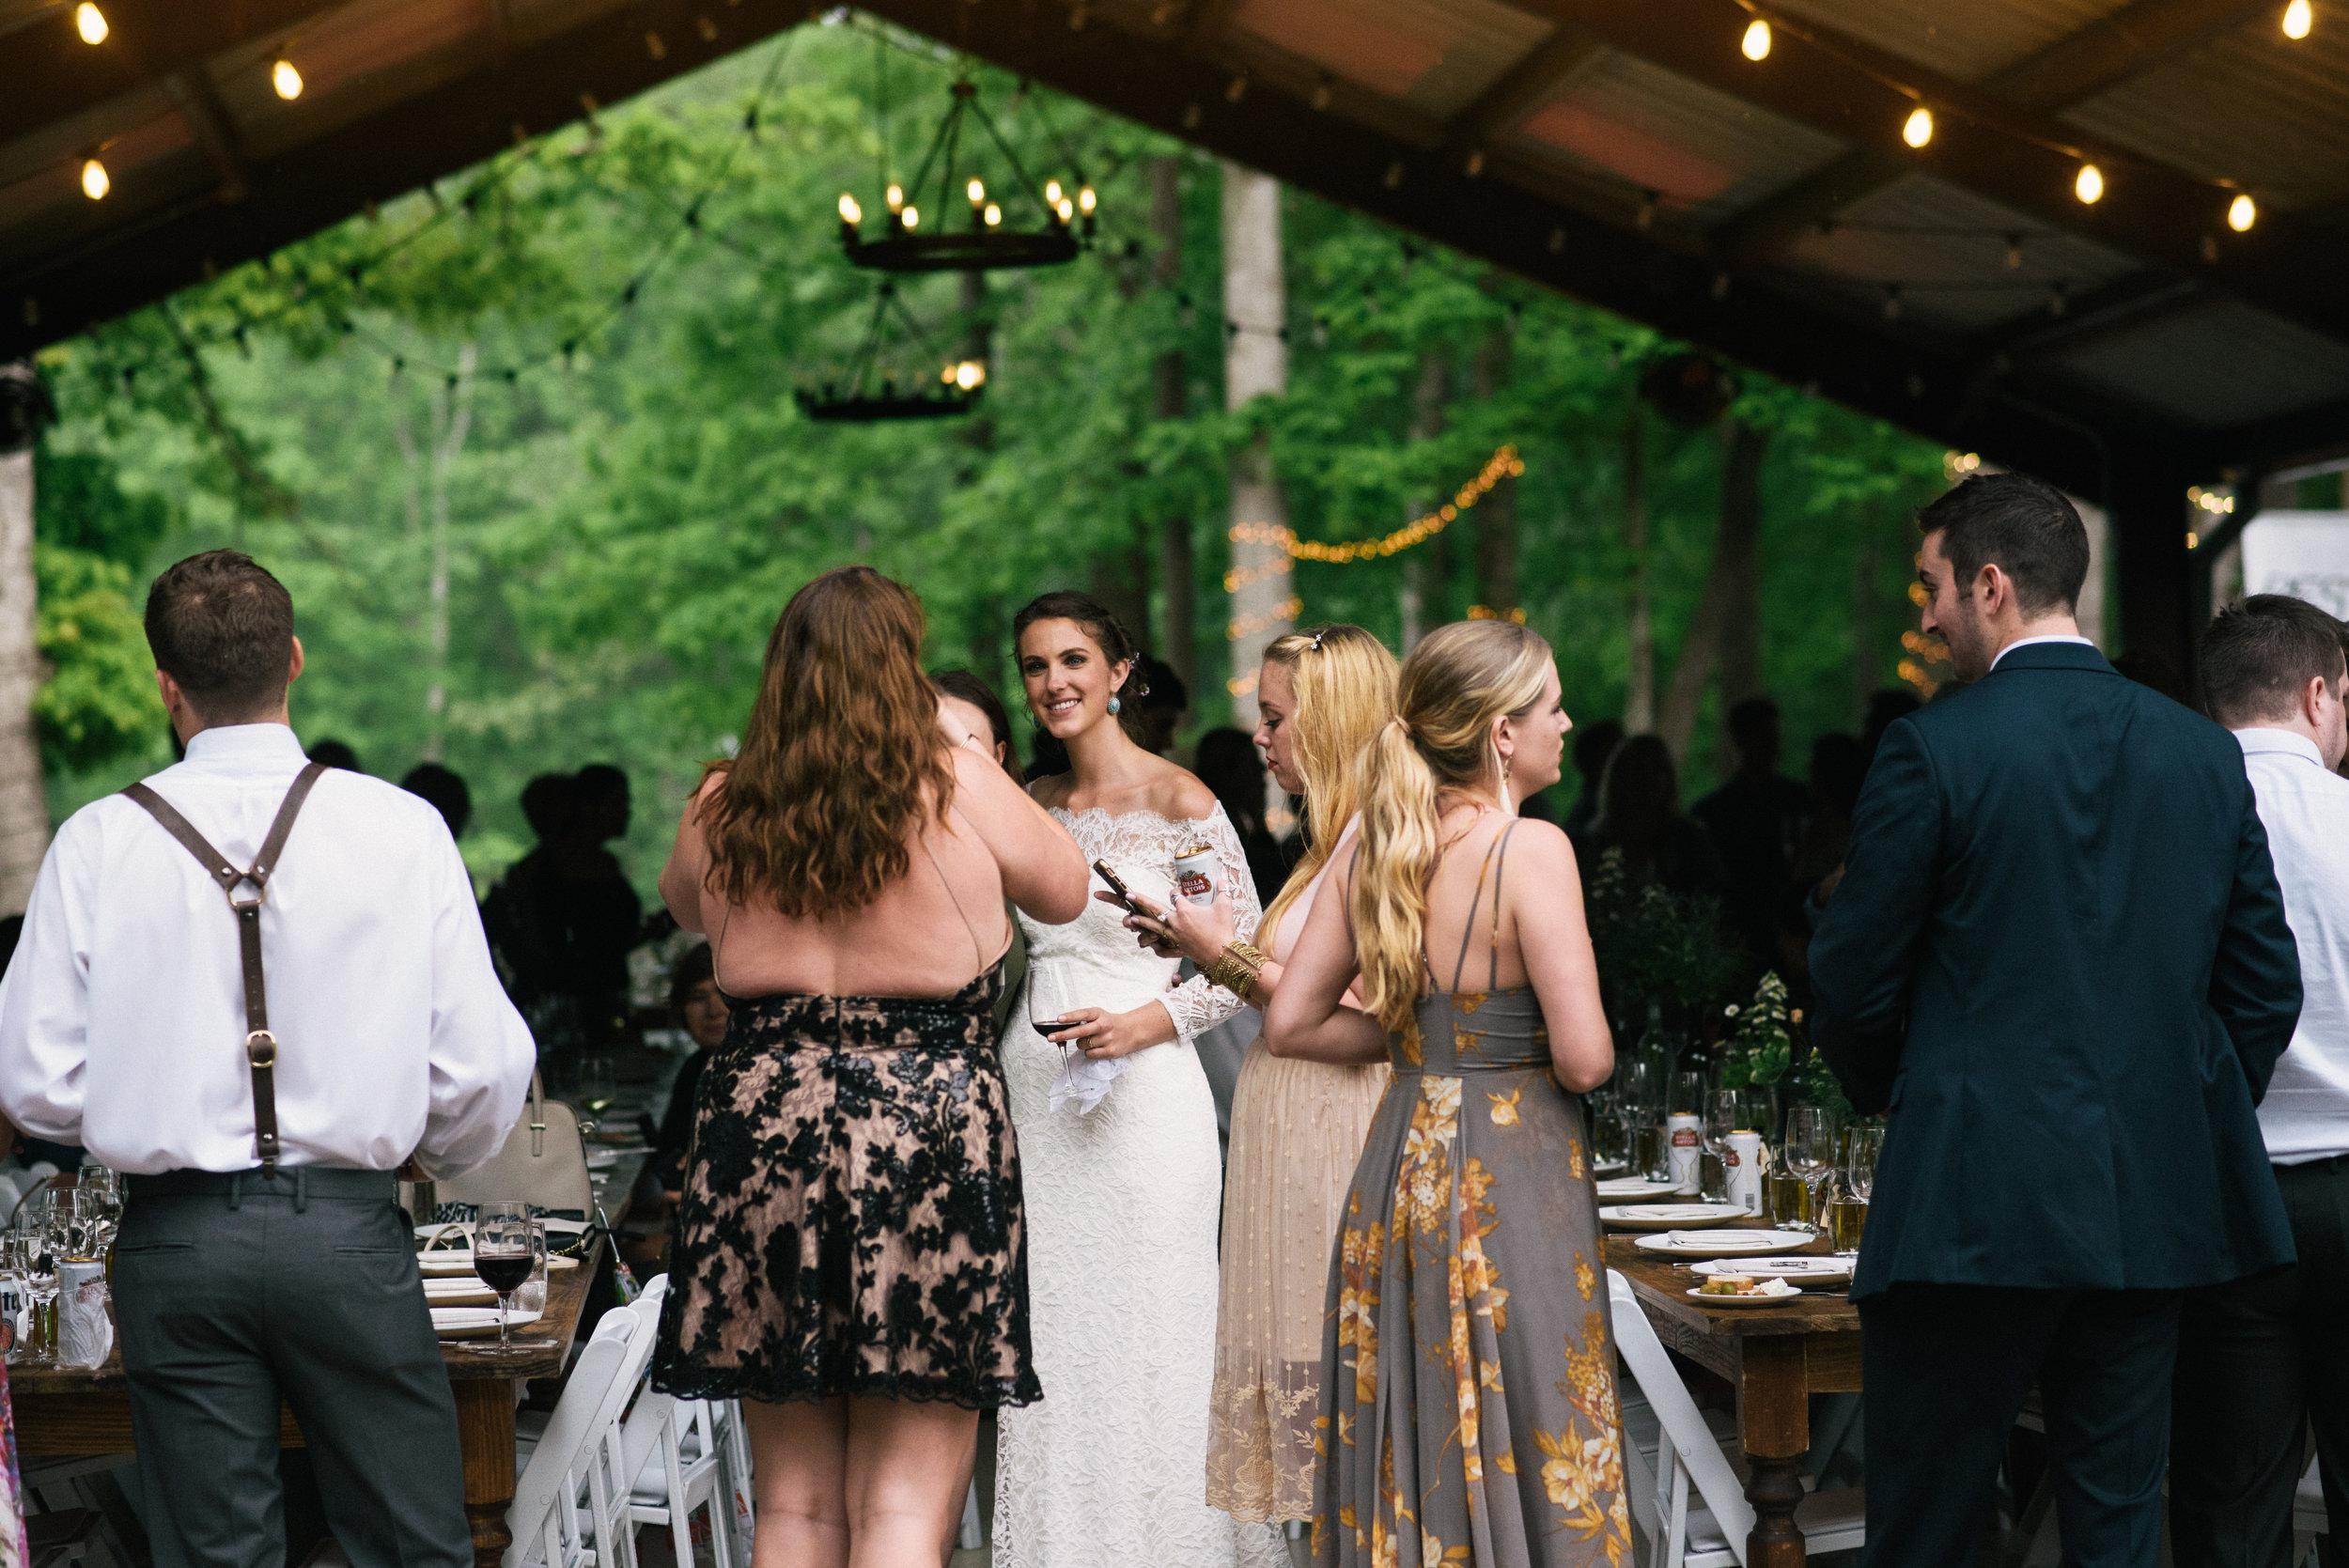 raleigh-elopement-photographer-raleigh-durham-wedding-maddie-and-devin- (121 of 162).jpg